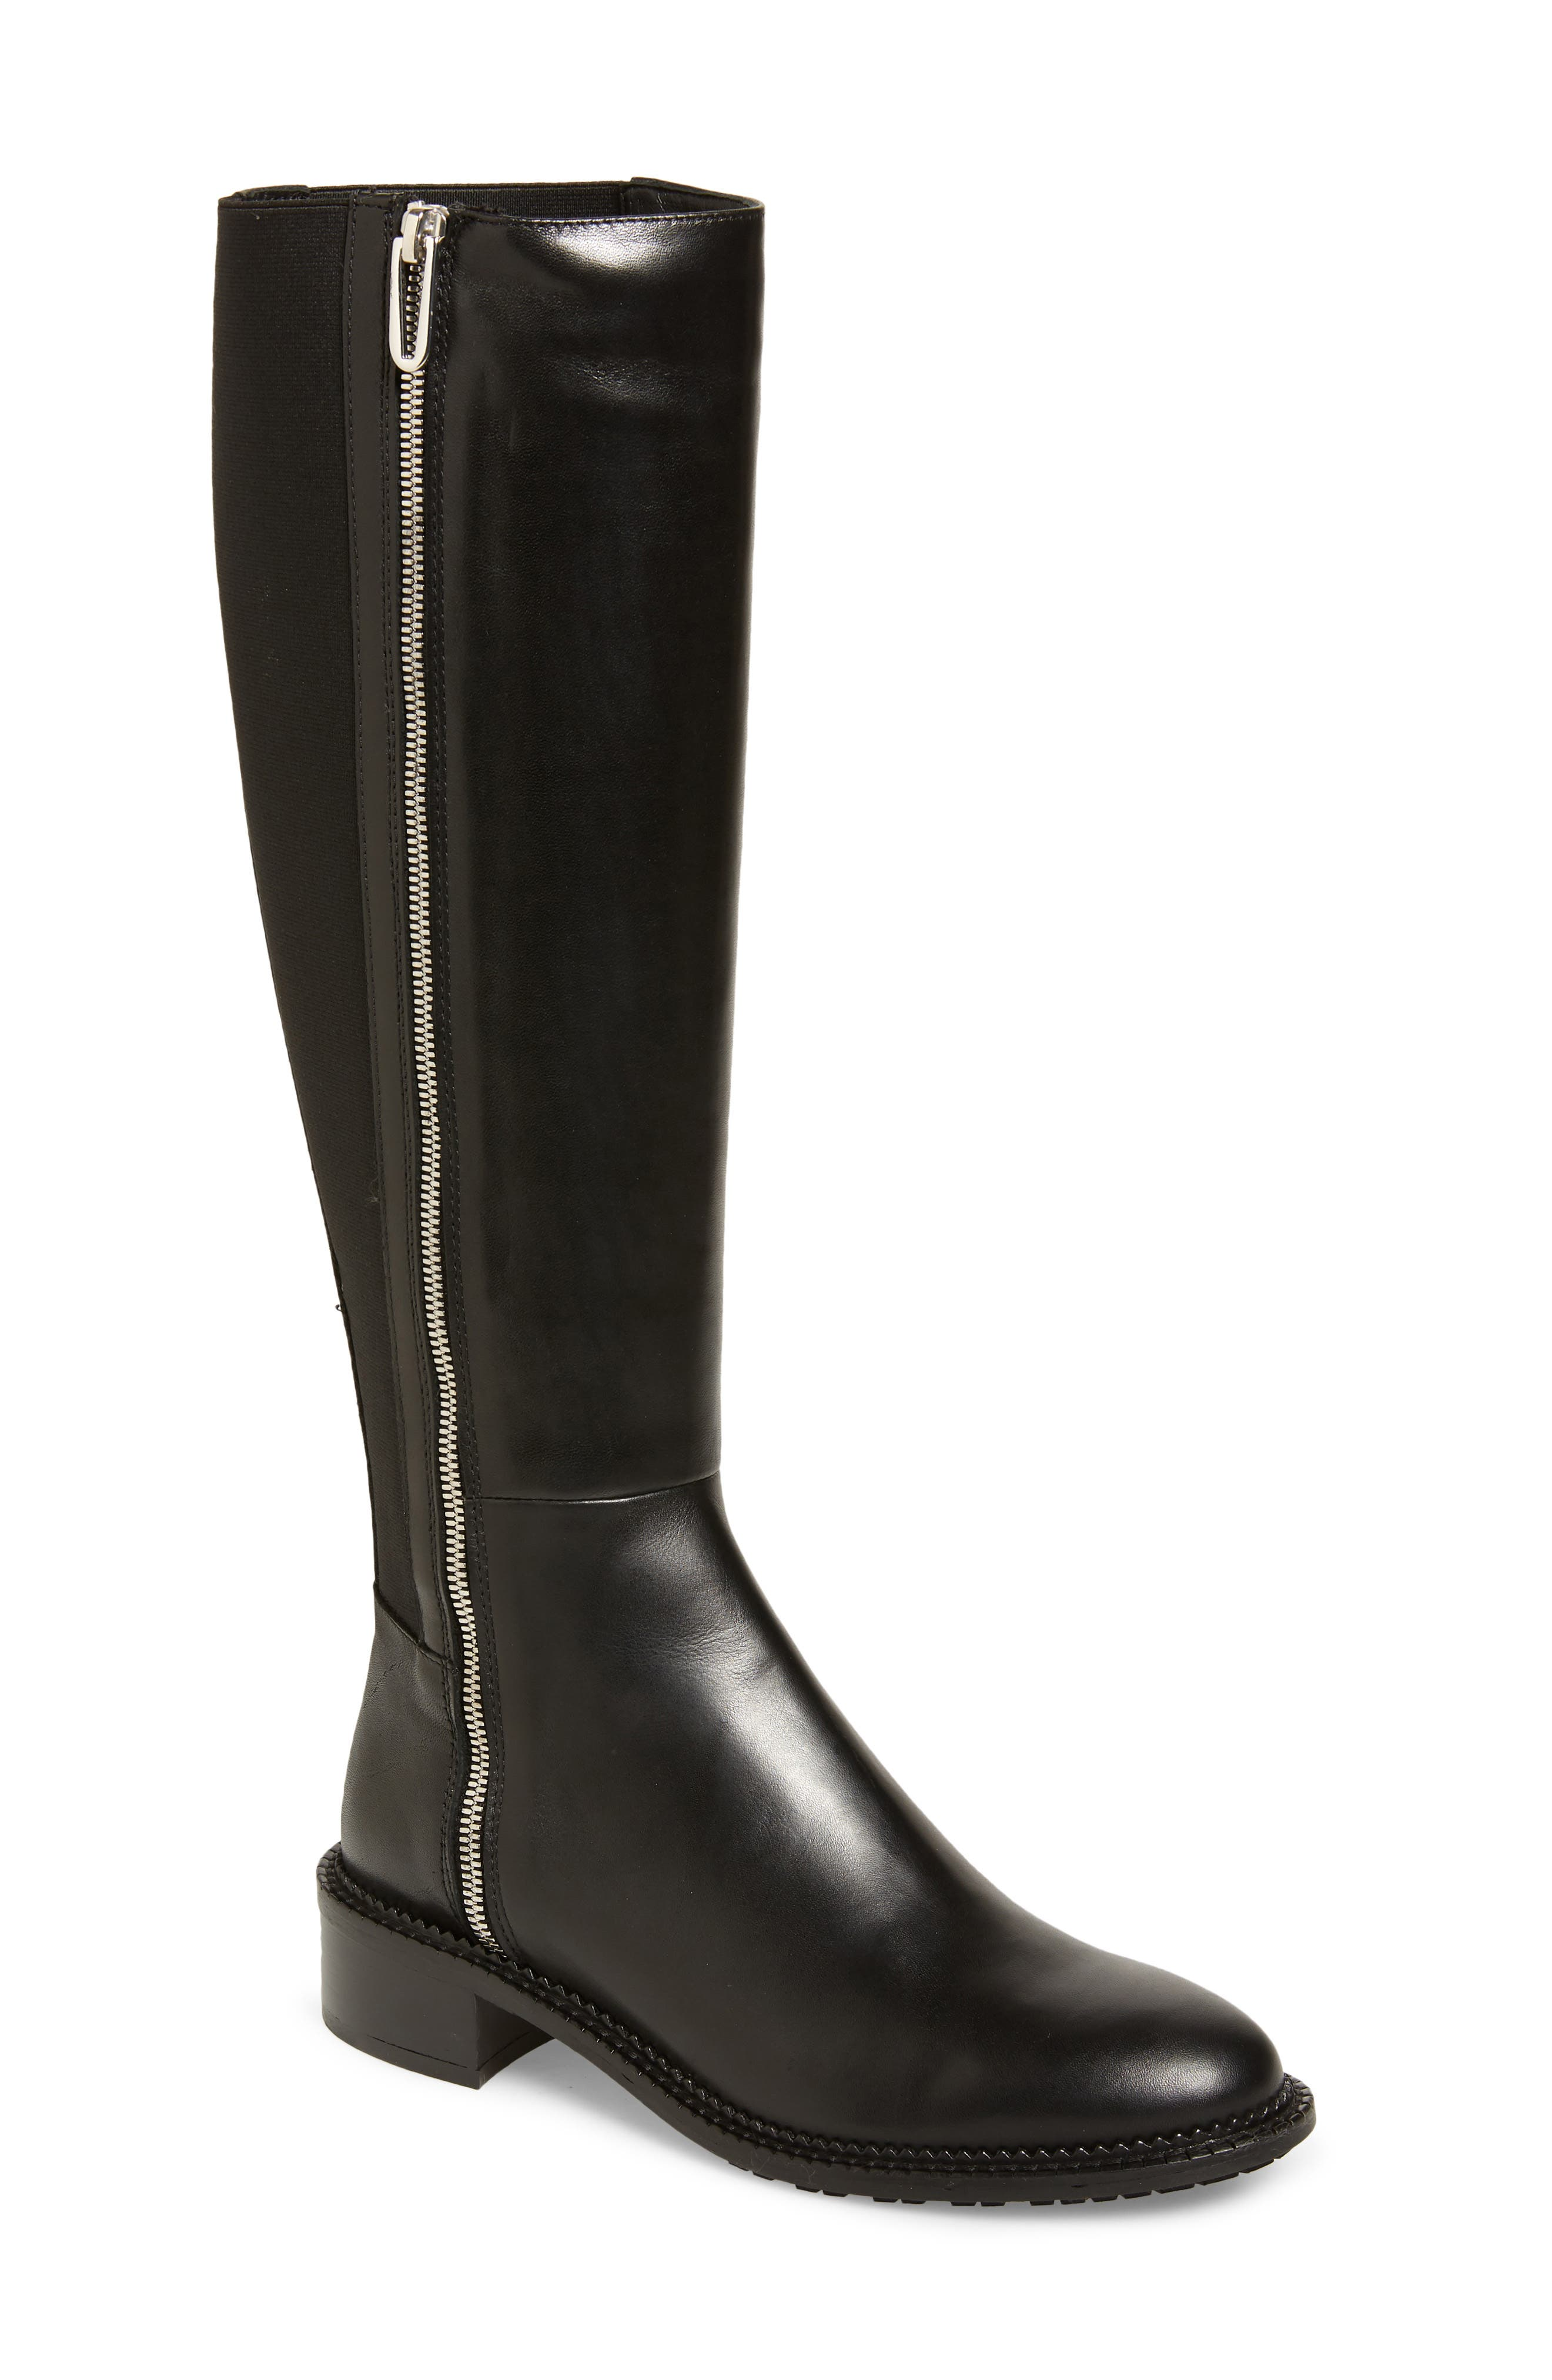 Women's Aquatalia Shoes | Nordstrom